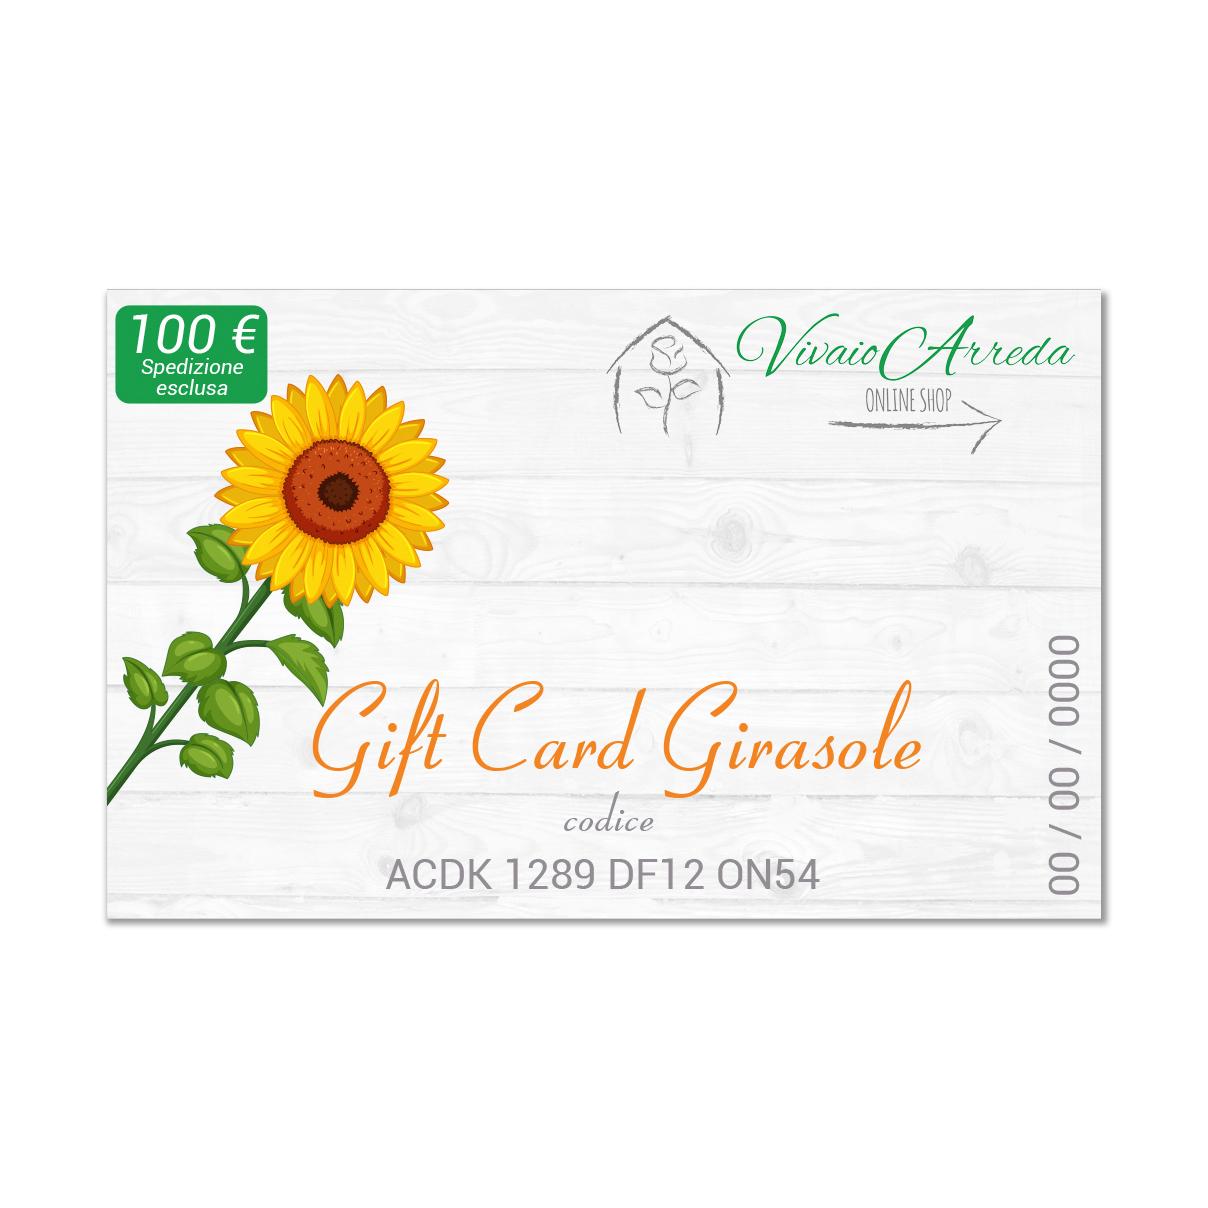 Gift Card Girasole - Vivaio Arreda Online Shop